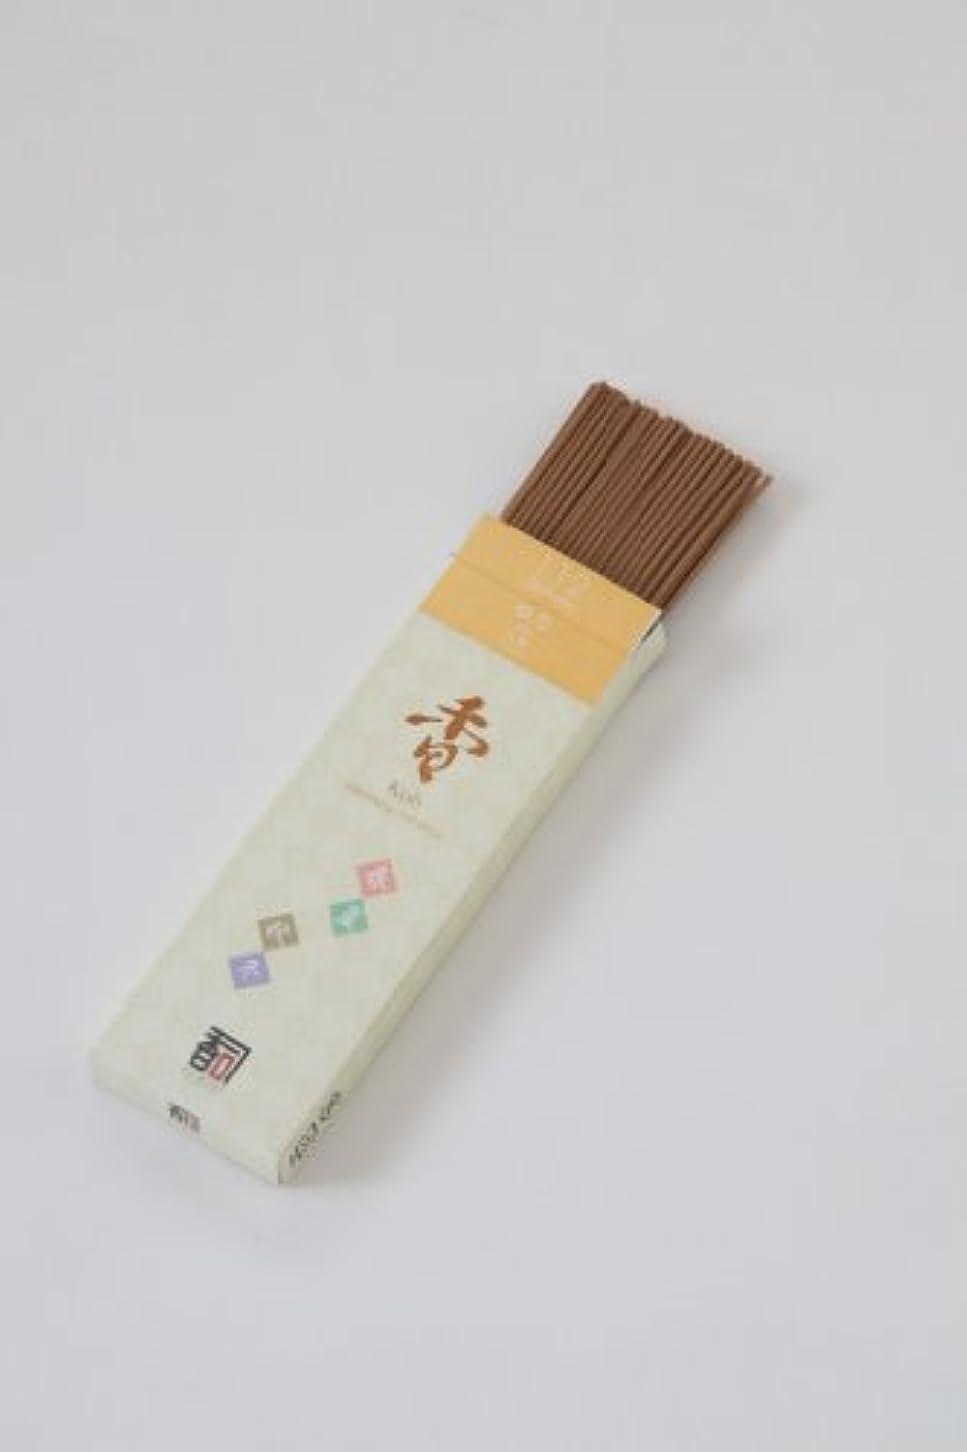 ディレイリサイクルする不利「あわじ島の香司」 日本の香りシリーズ (春夏秋冬) 【112】  ◆ゆり◆